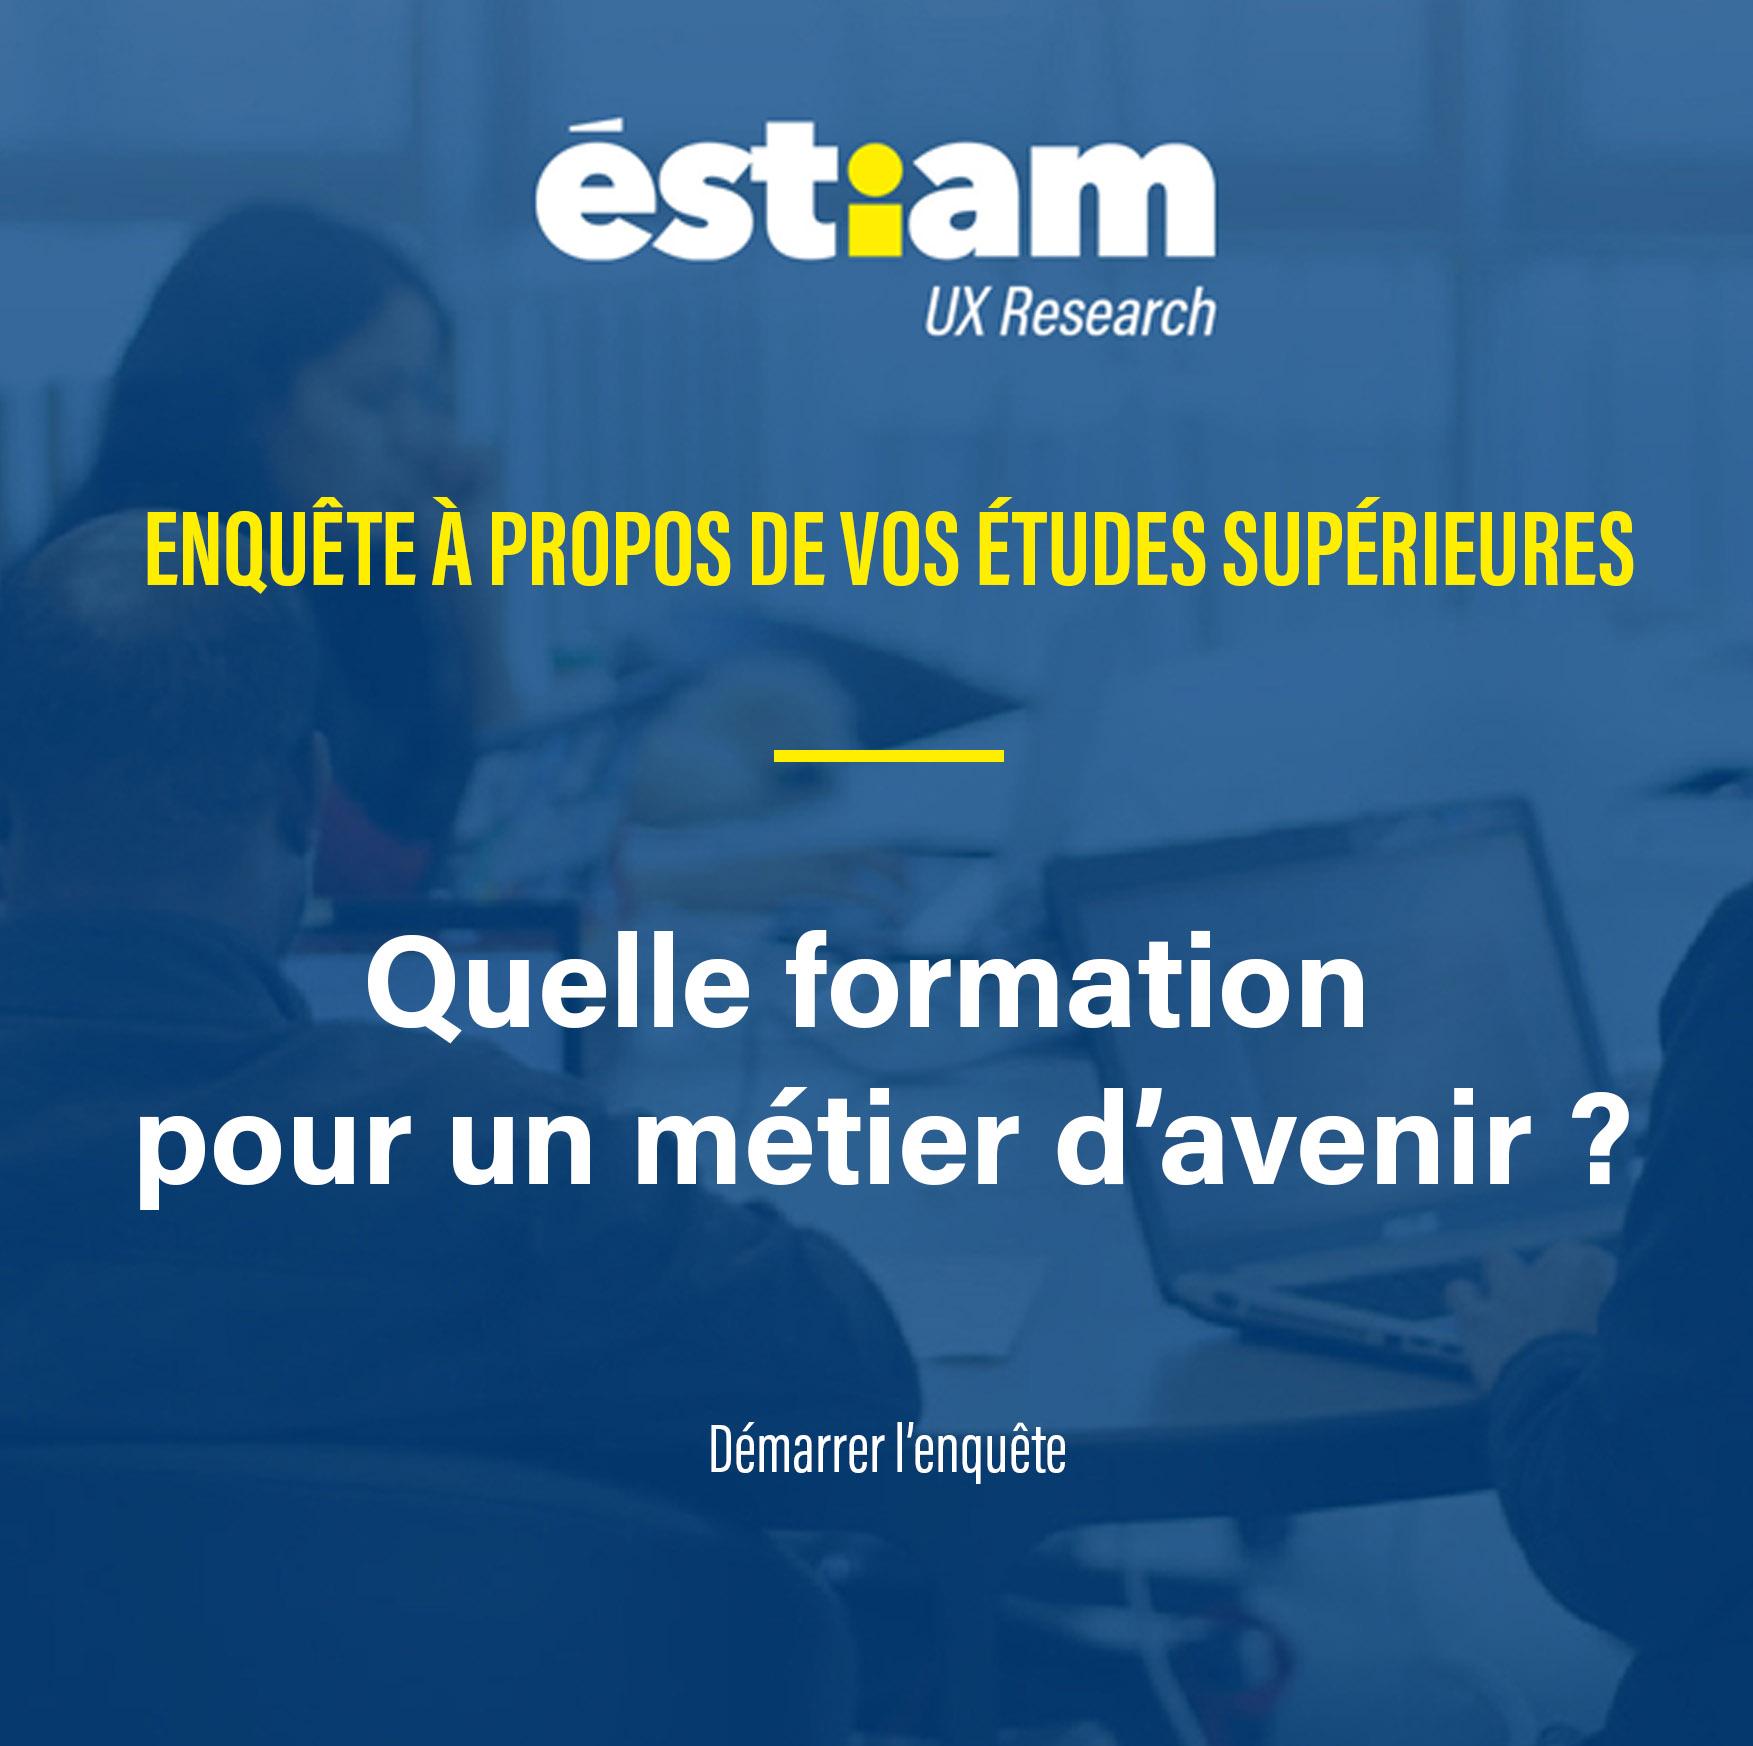 Estiam UX Research : enquête études supérieures